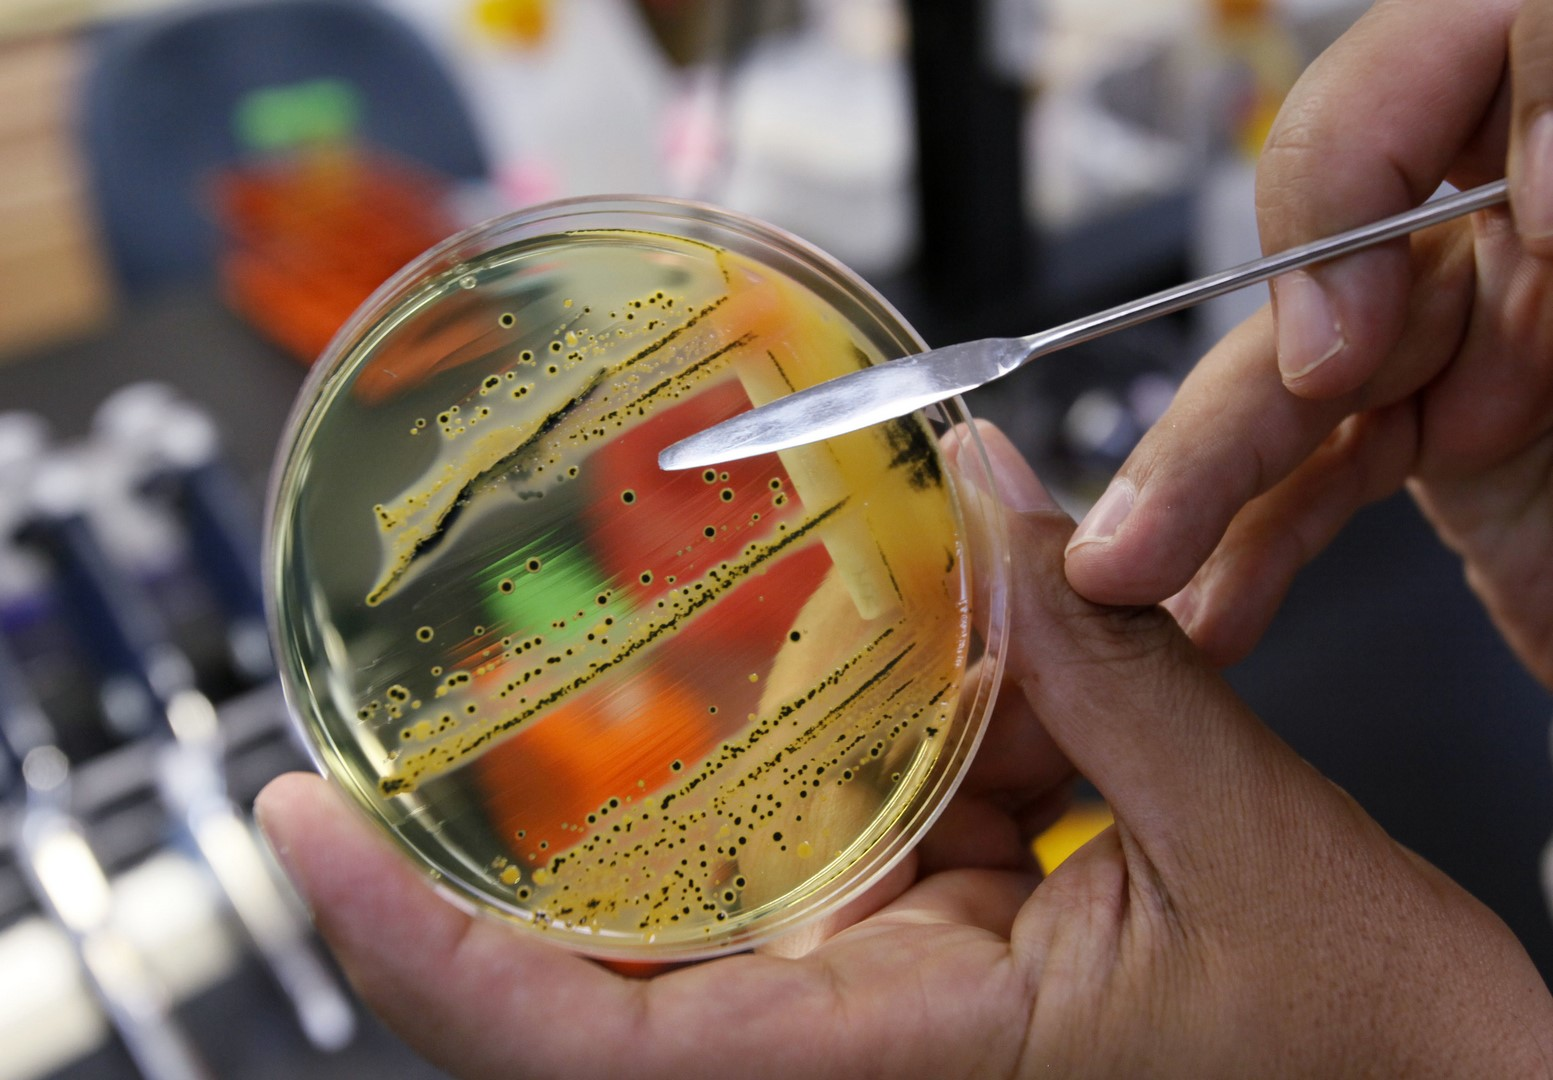 Bacterias resistentes a los antibióticos amenazan la salud